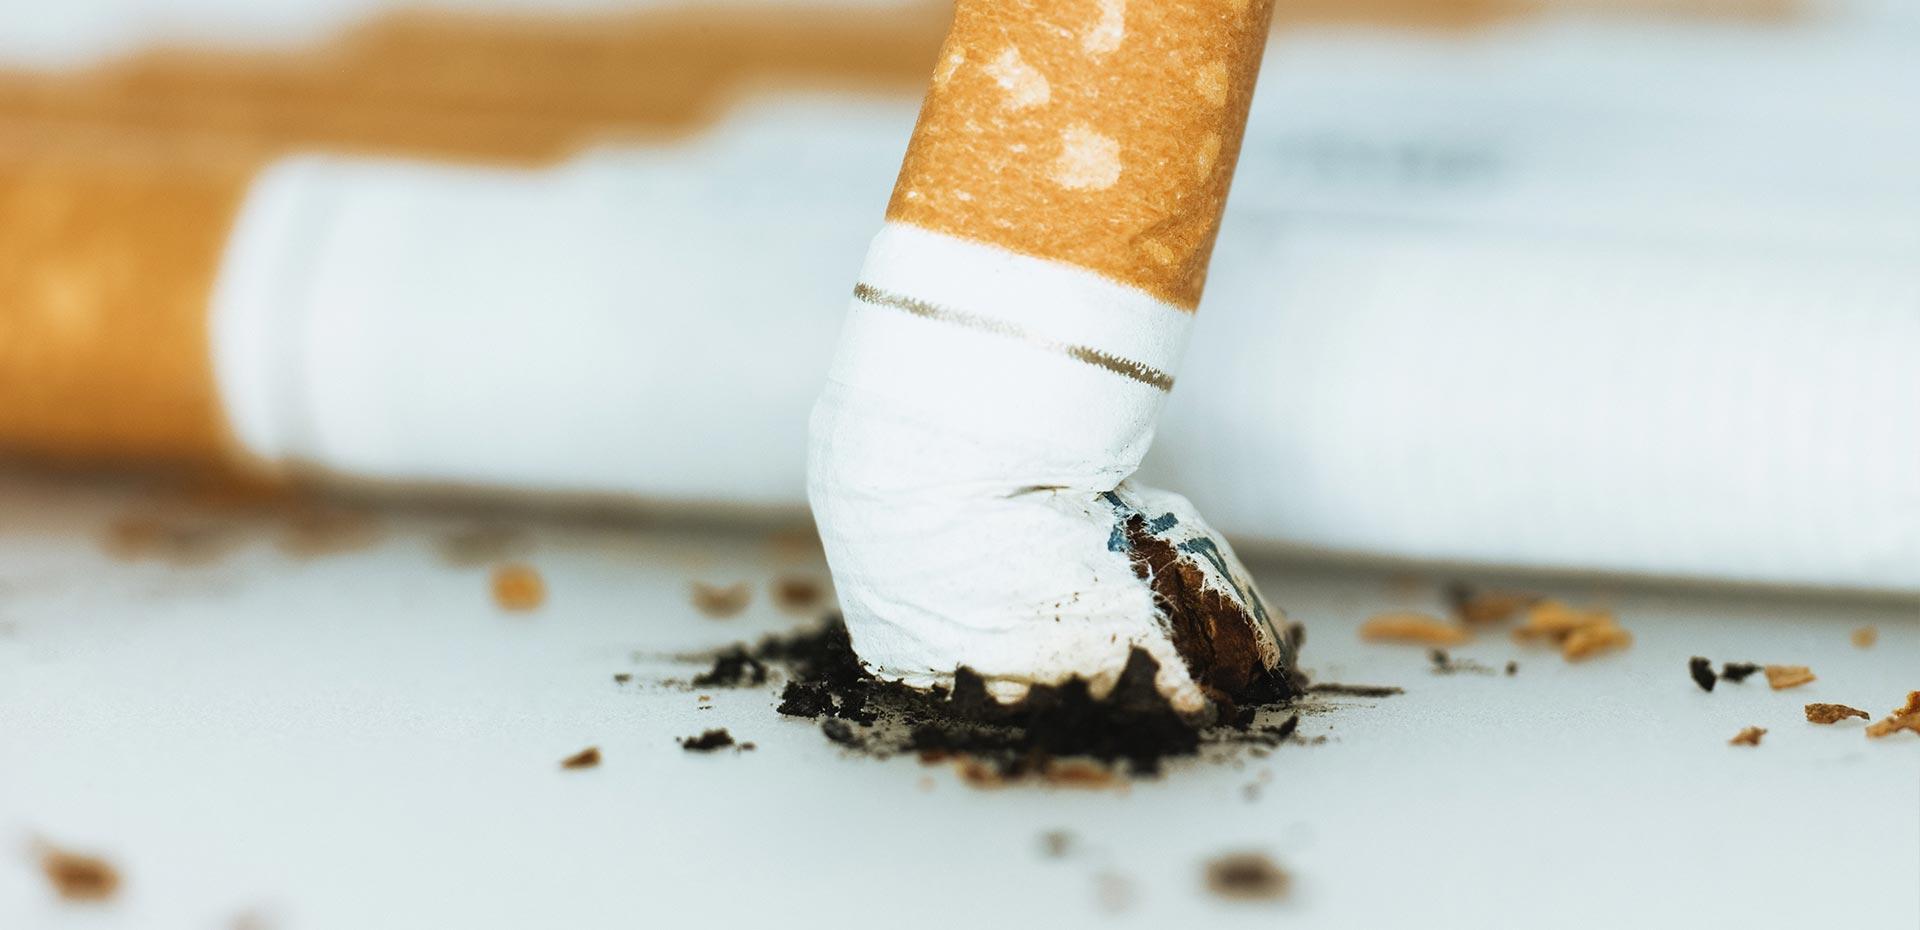 Zigaretten und ausgedrückte Kippe